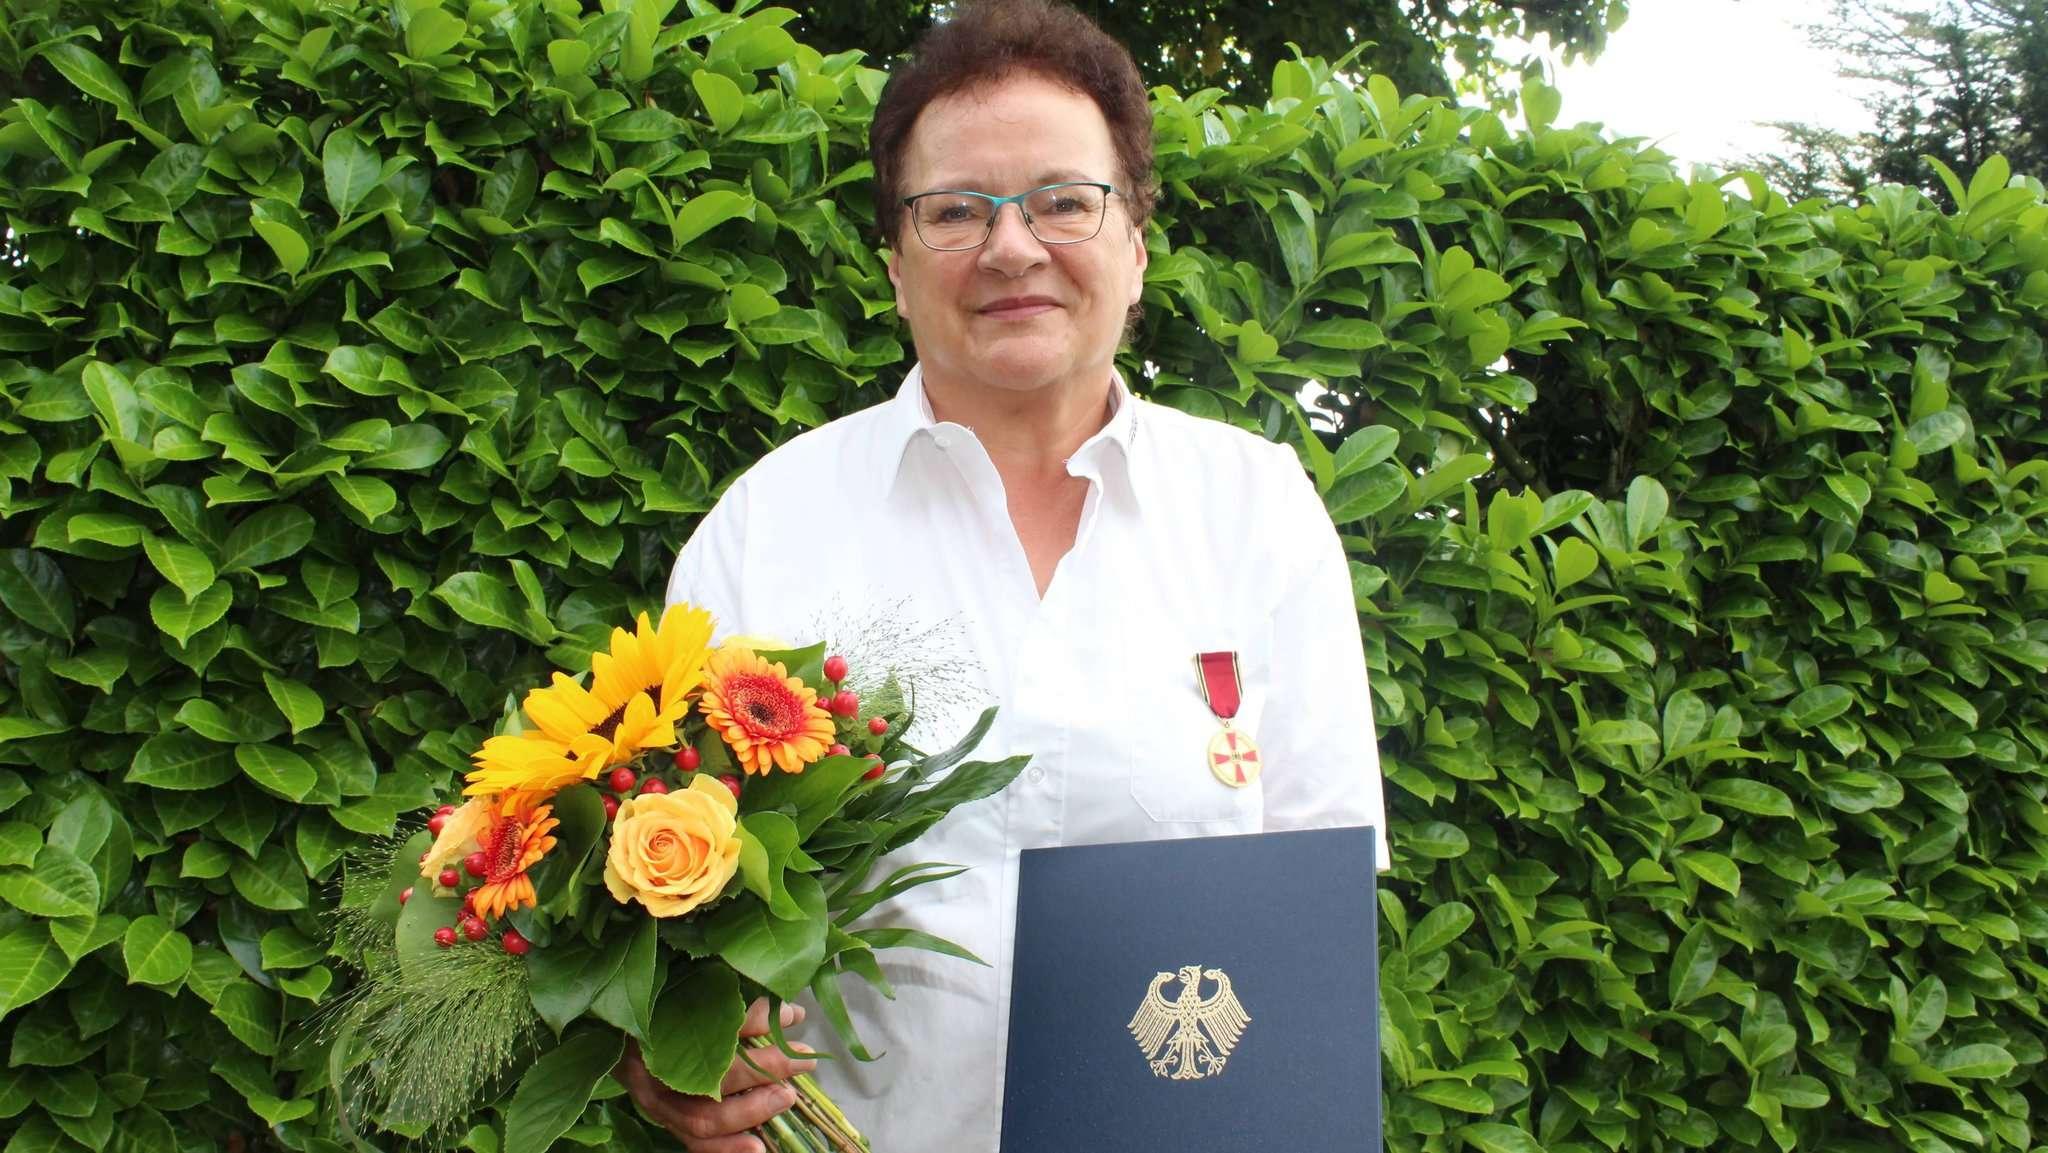 Für ihr jahrelanges Engagement im Breiten- und Freizeitsport erhält Uta Bruns das Bundesverdienstkreuz. Foto: Ann-Christin Beims